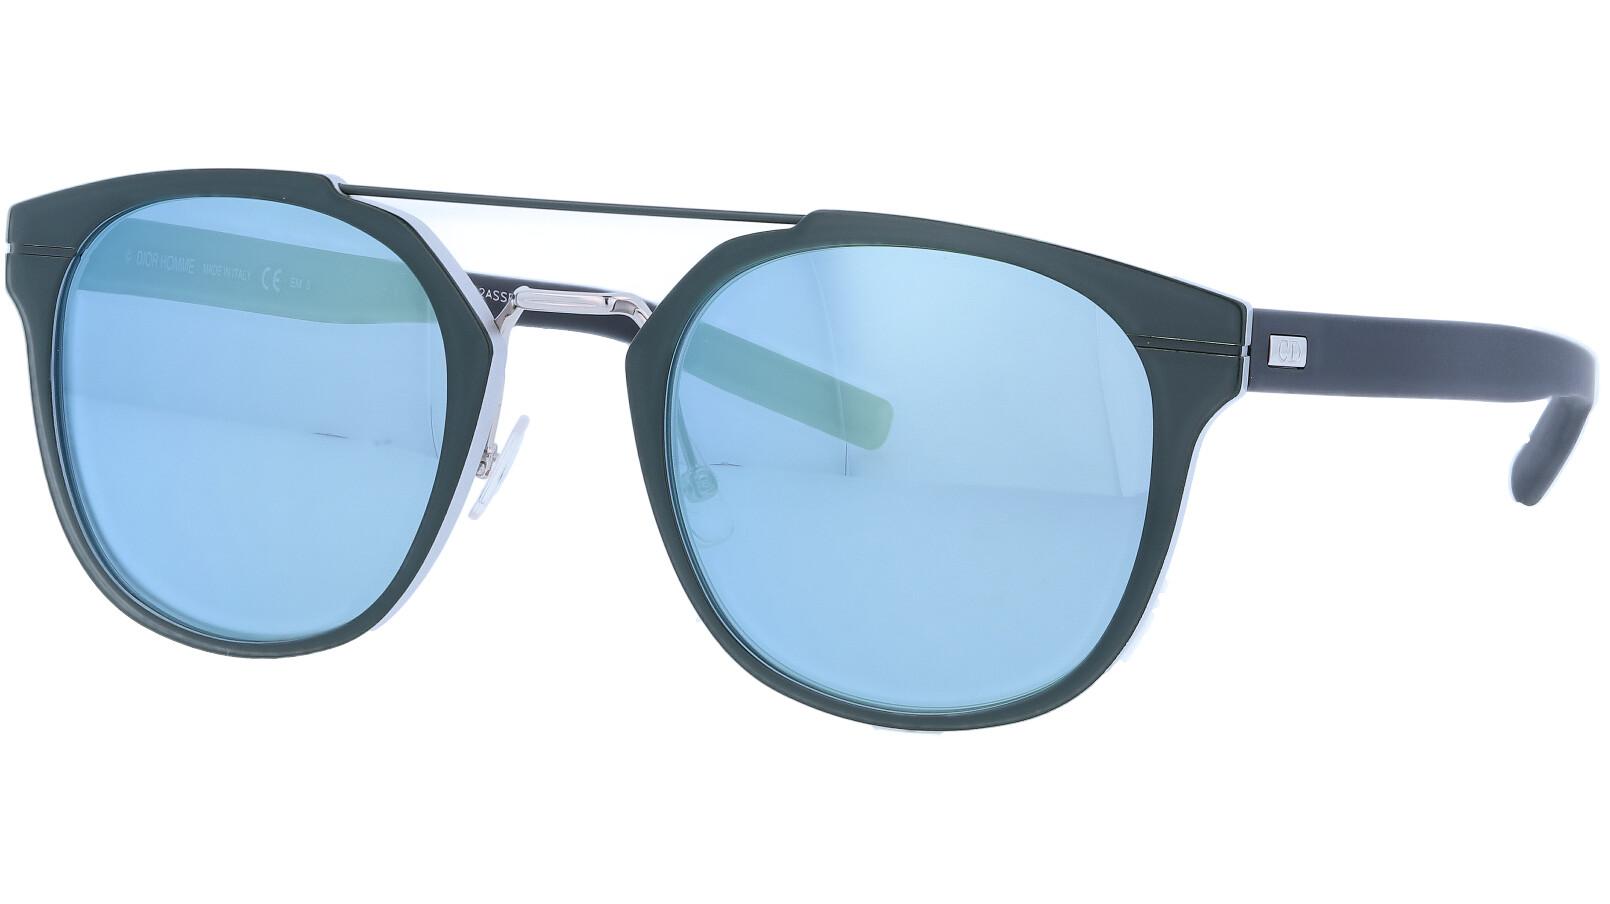 DIOR AL13.5 SCA3J 52 SIVER KHAKI Sunglasses